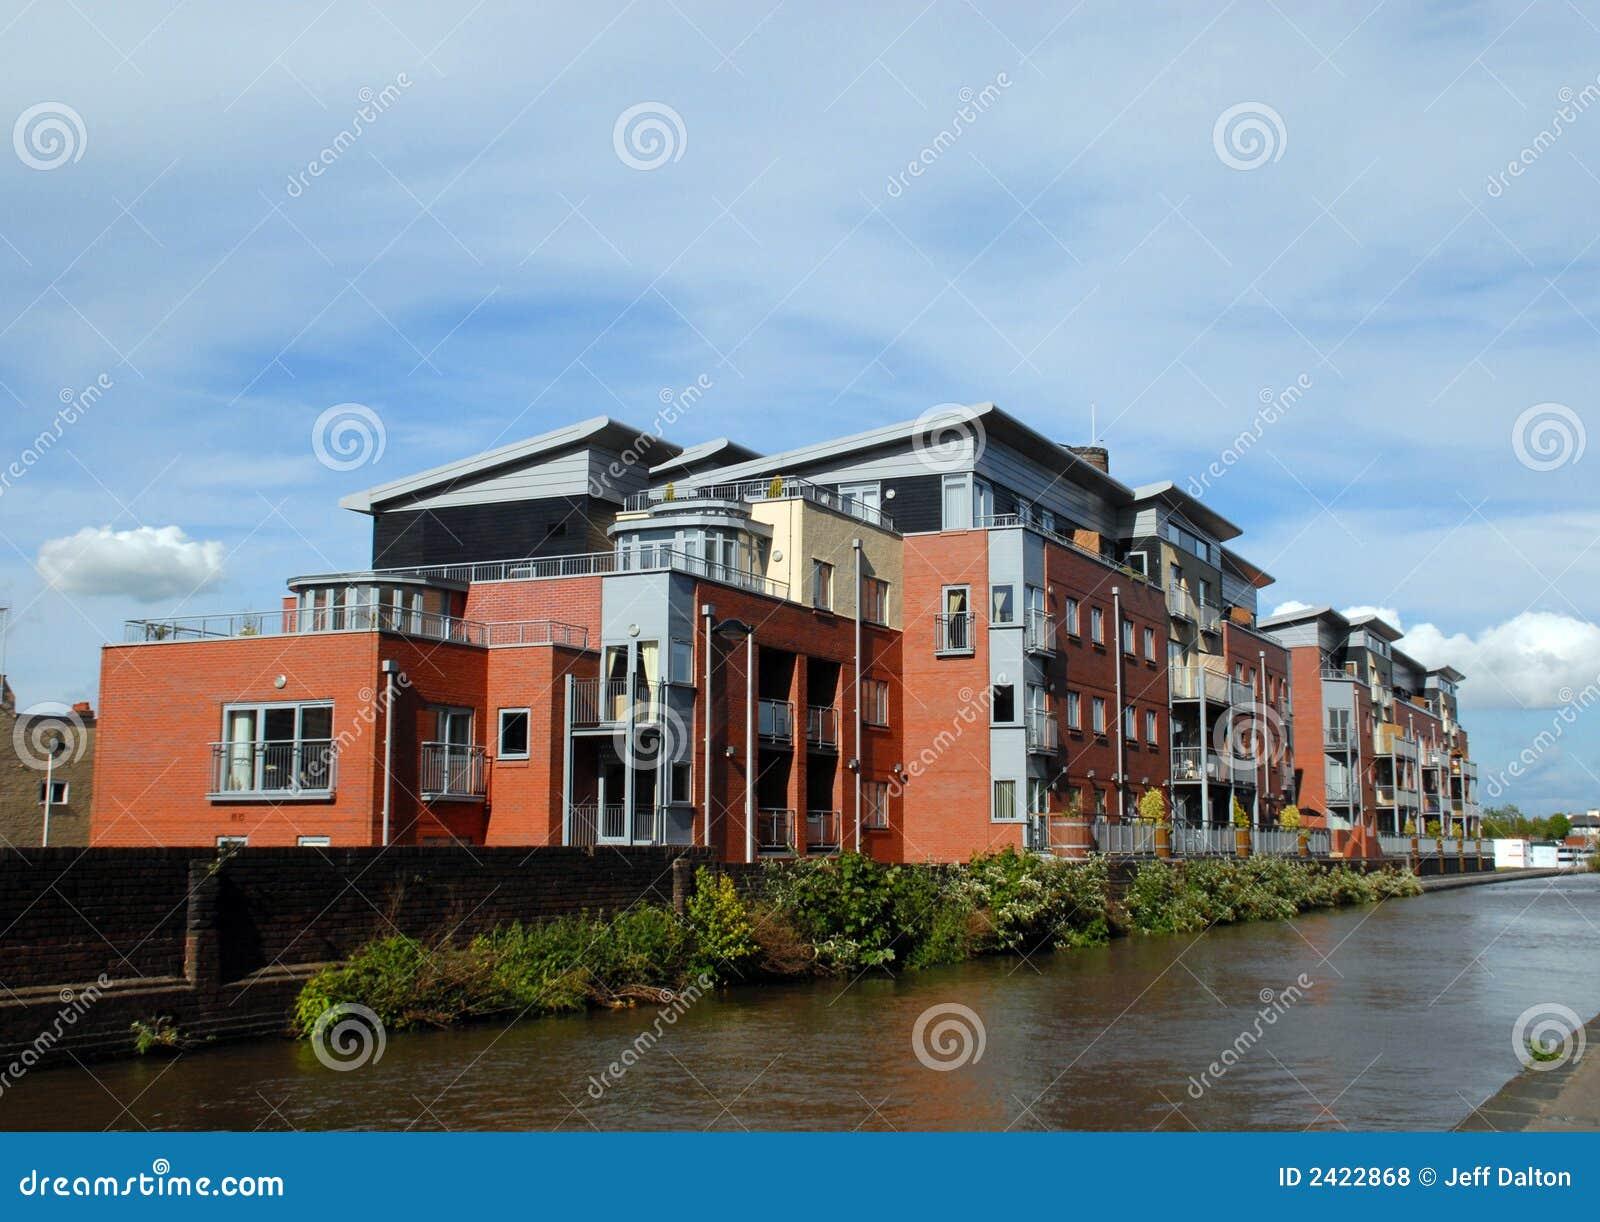 Appartamenti moderni di canalside fotografia stock for Immagini appartamenti moderni